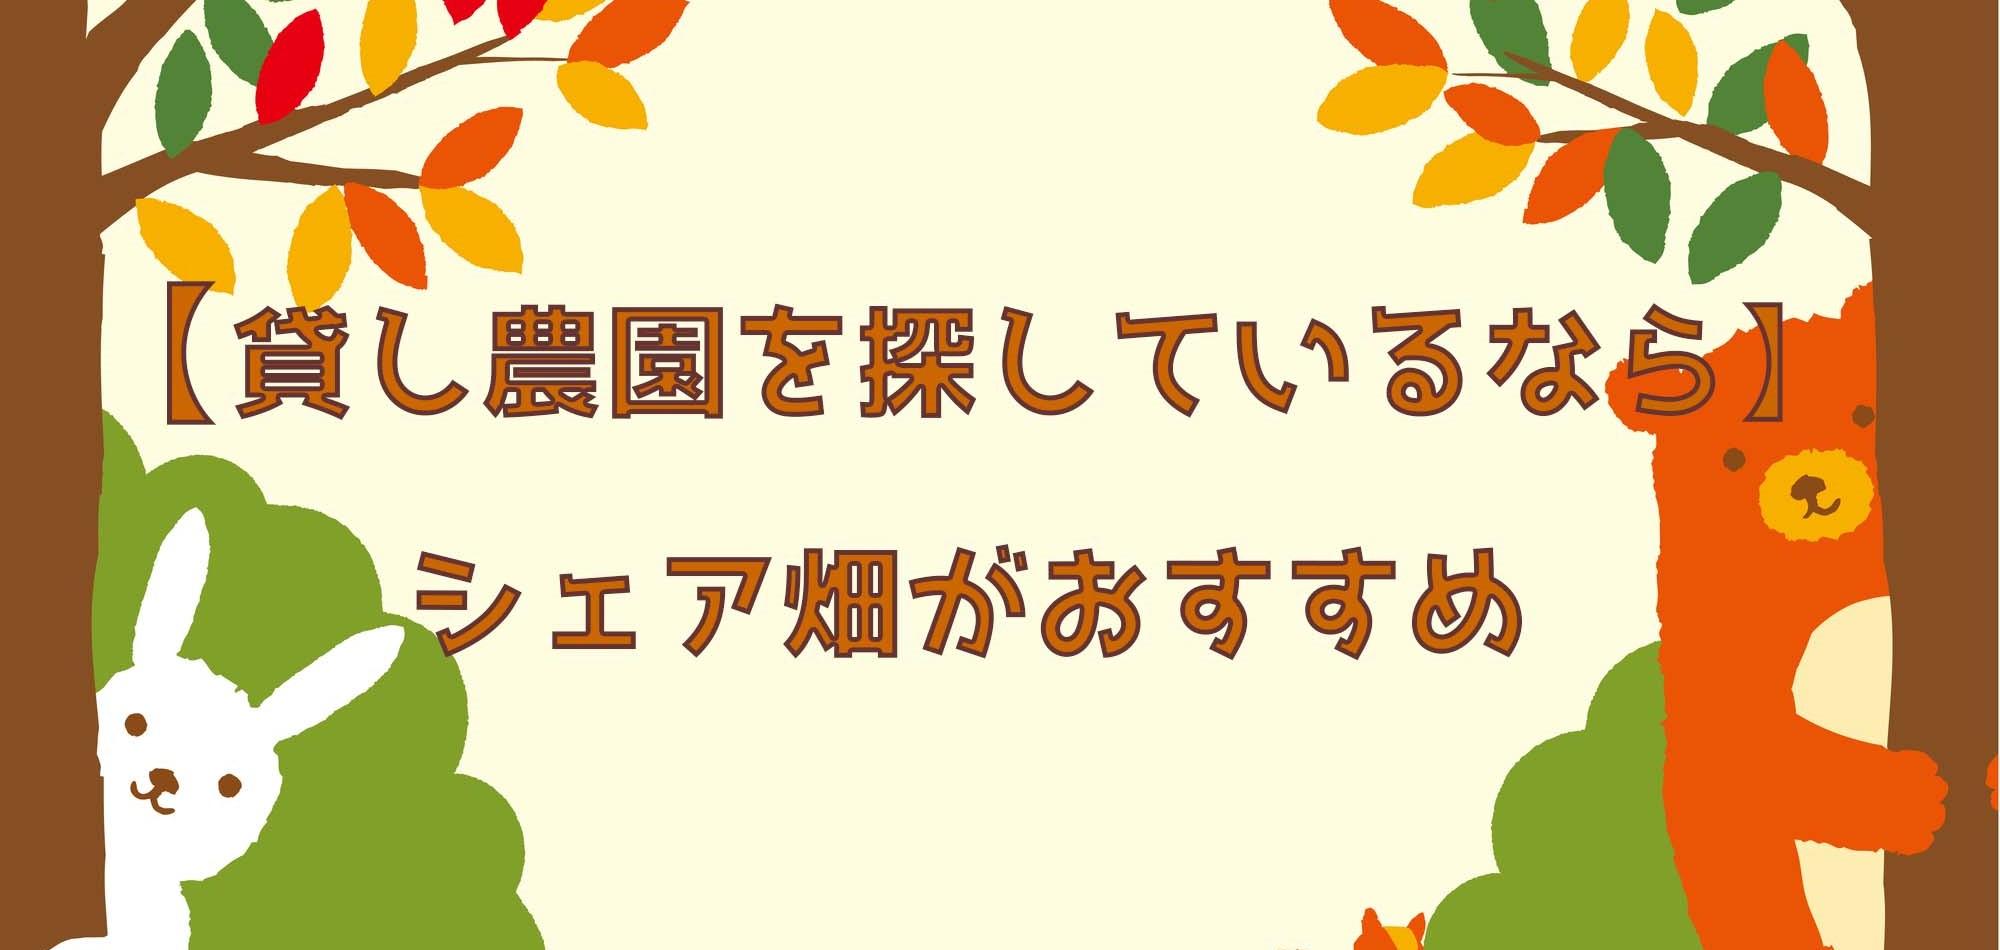 【東京で貸し農園を探しているなら】シェア畑がおすすめ